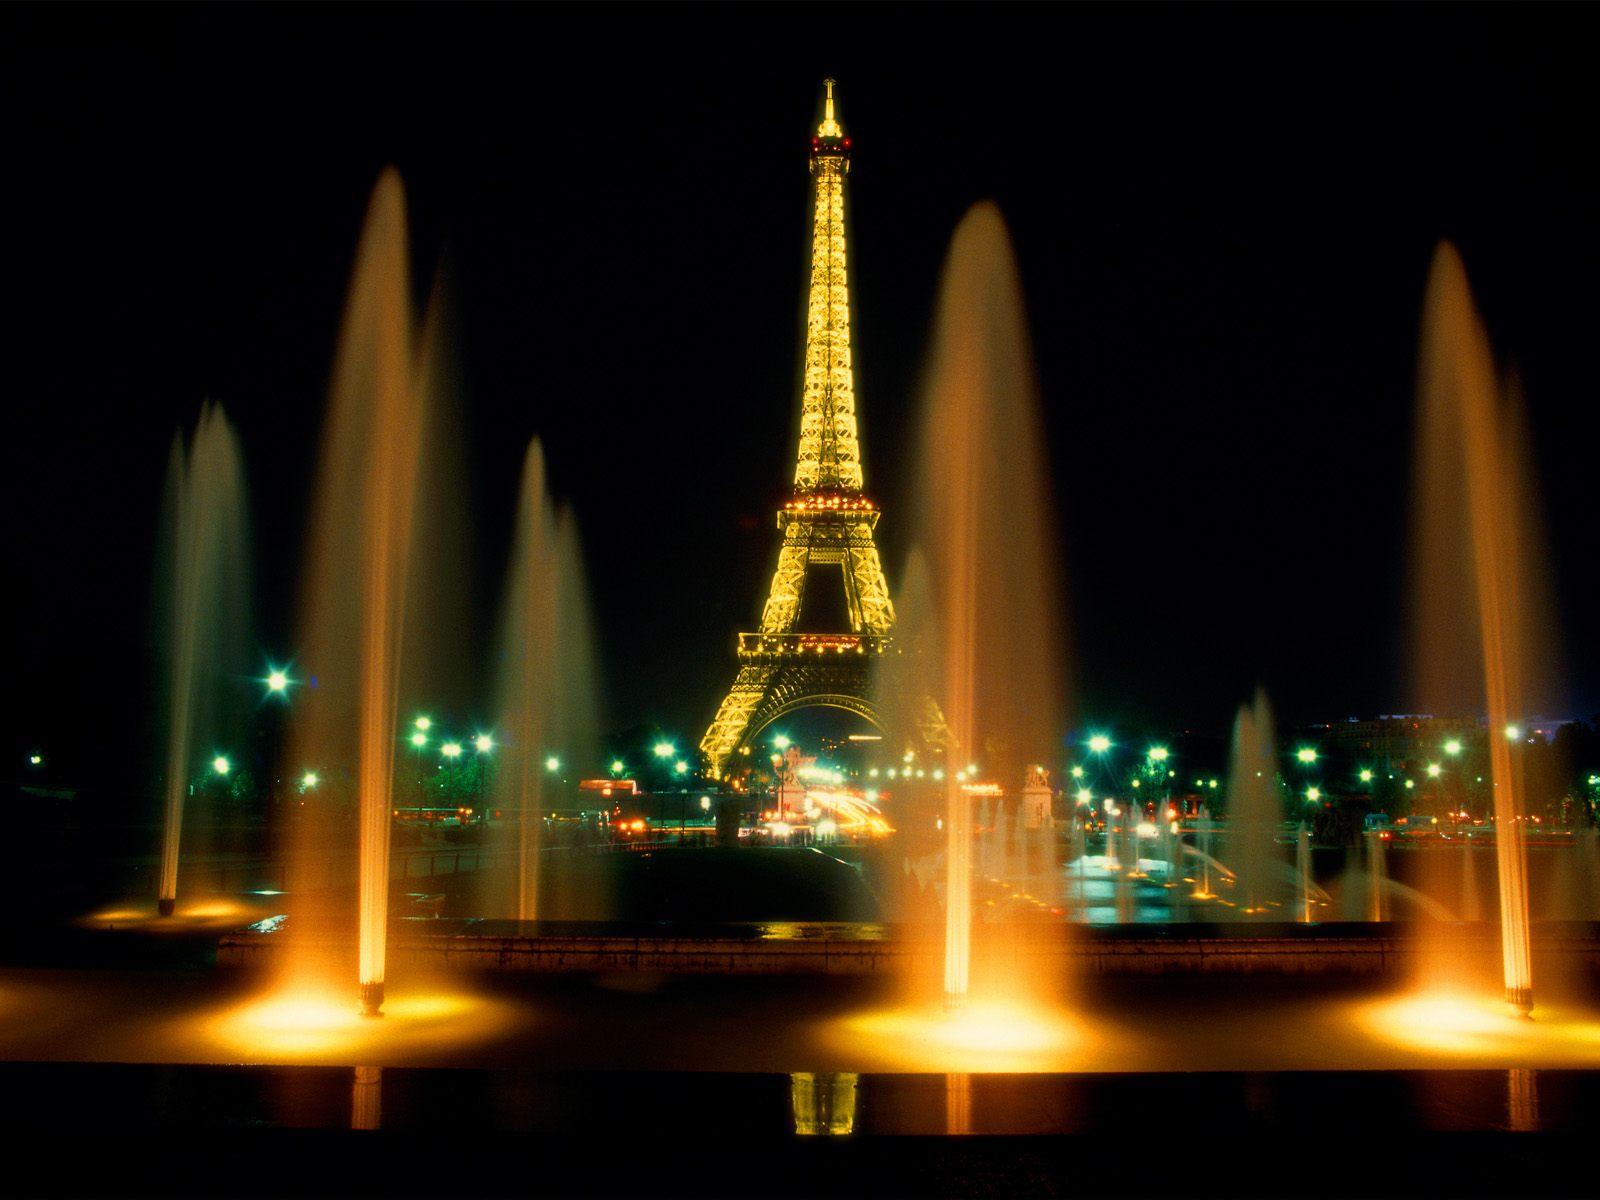 https://4.bp.blogspot.com/_G3JHNPplIHw/TIHQxWtjhII/AAAAAAAAABk/eVfLihMA2oE/s1600/Eiffel_Tower,_Night.jpg